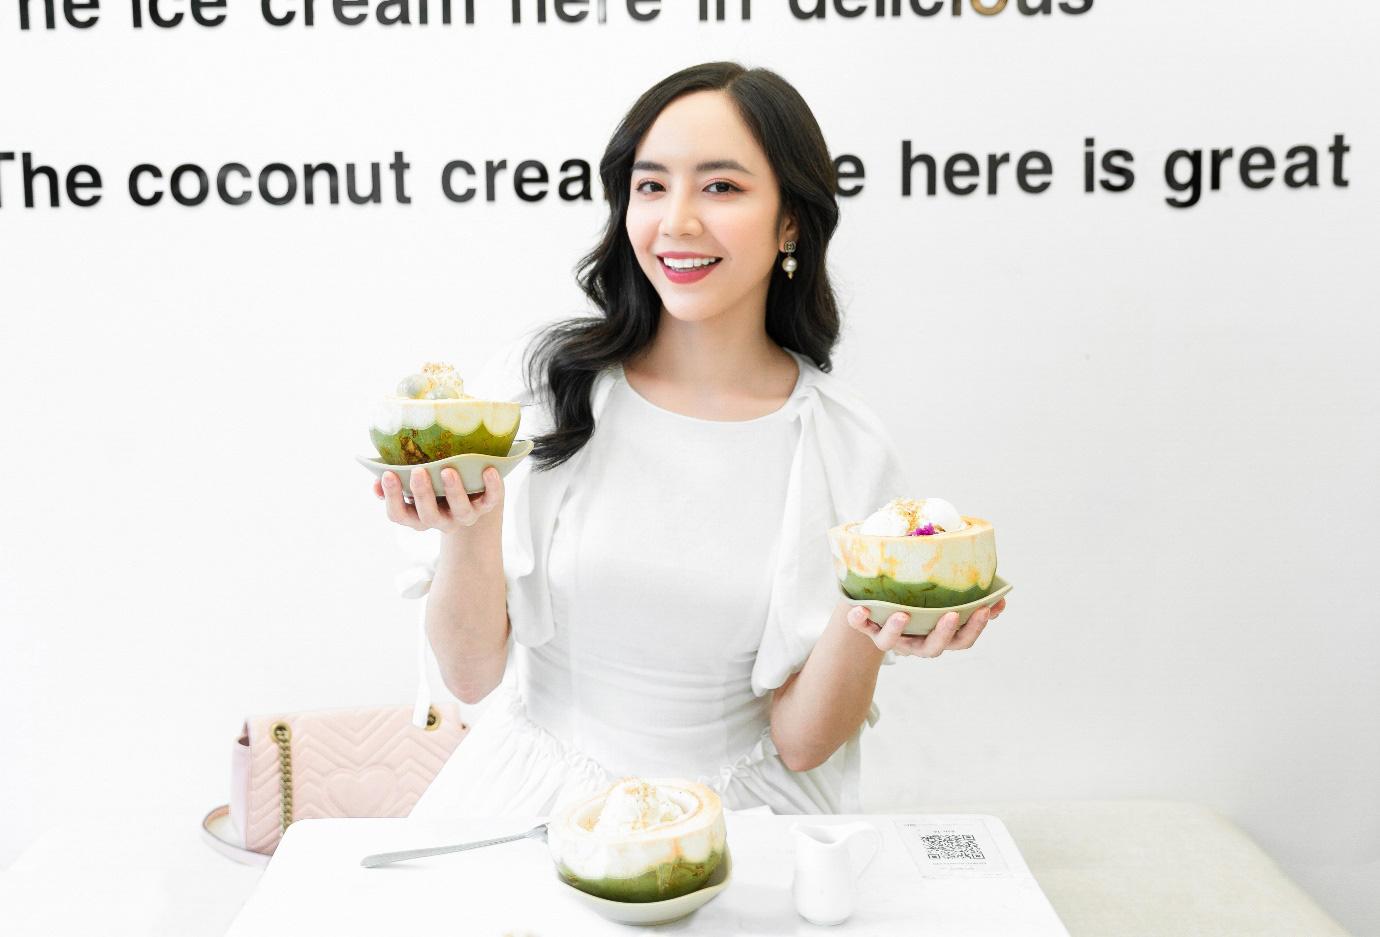 Xuất hiện kem dừa trân châu cốt dừa tạo trend rần rần đầu năm 2021 - Ảnh 4.